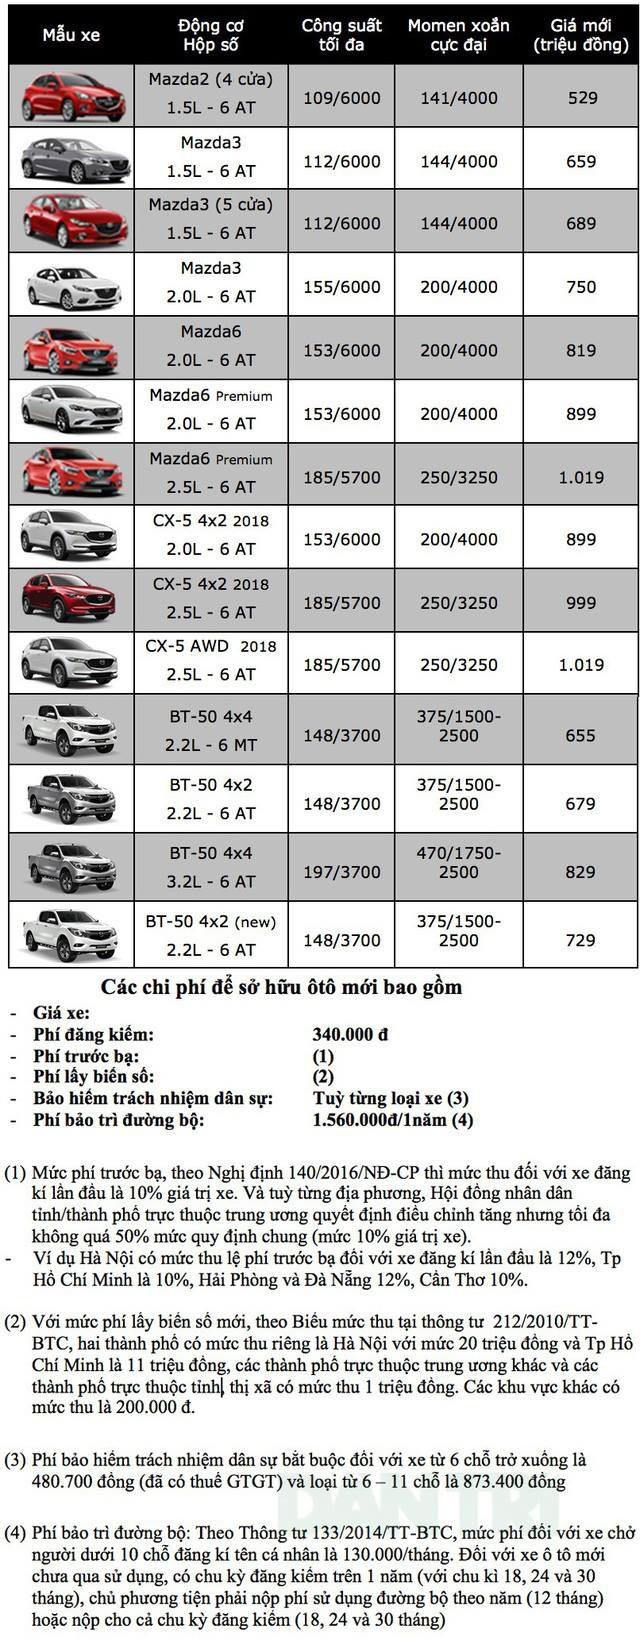 Bảng giá xe Mazda tại Việt Nam cập nhật tháng 9/2018 - 1